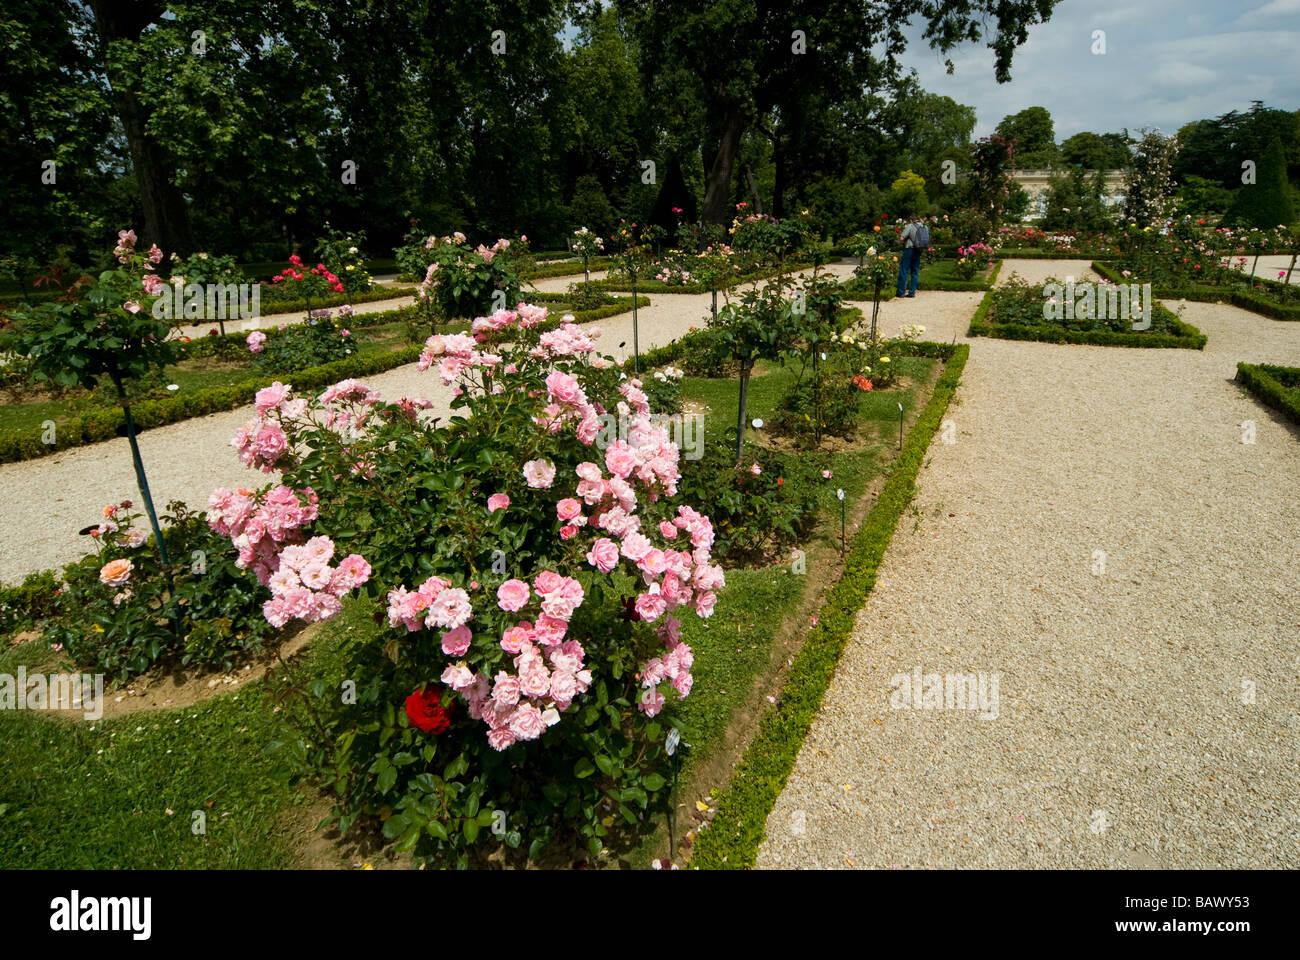 France, Paris, Bois de Boulogne, Parc de Bagatelle, rose garden and orangery - Stock Image